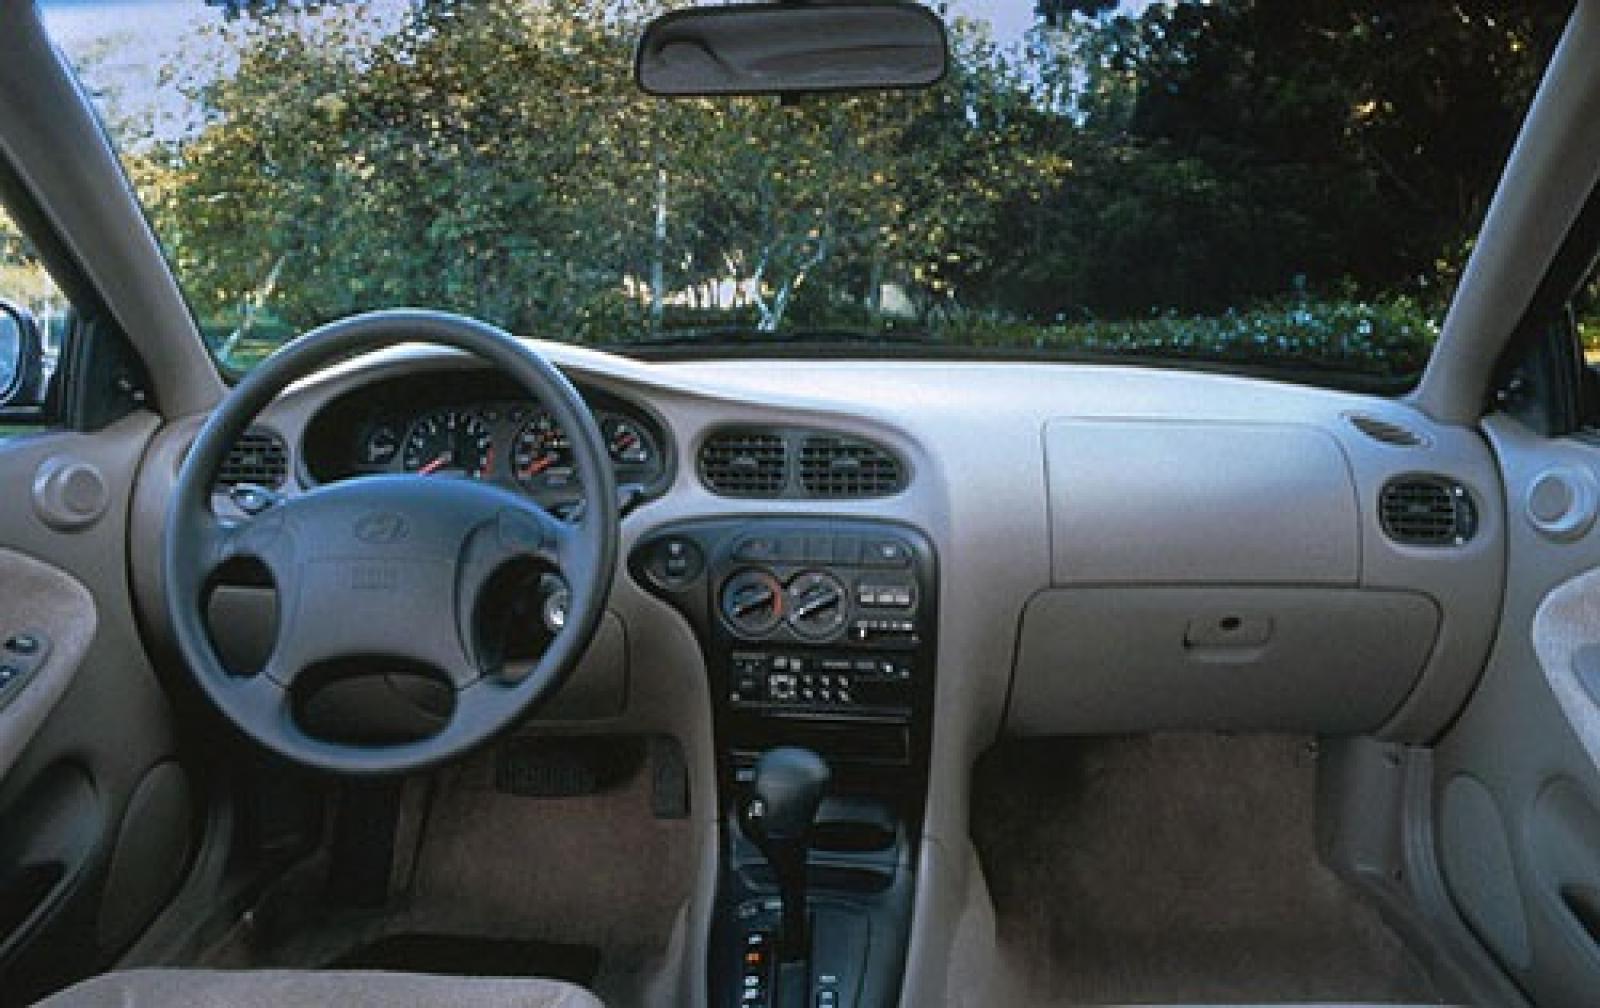 800 1024 1280 1600 Origin 2000 Hyundai Elantra